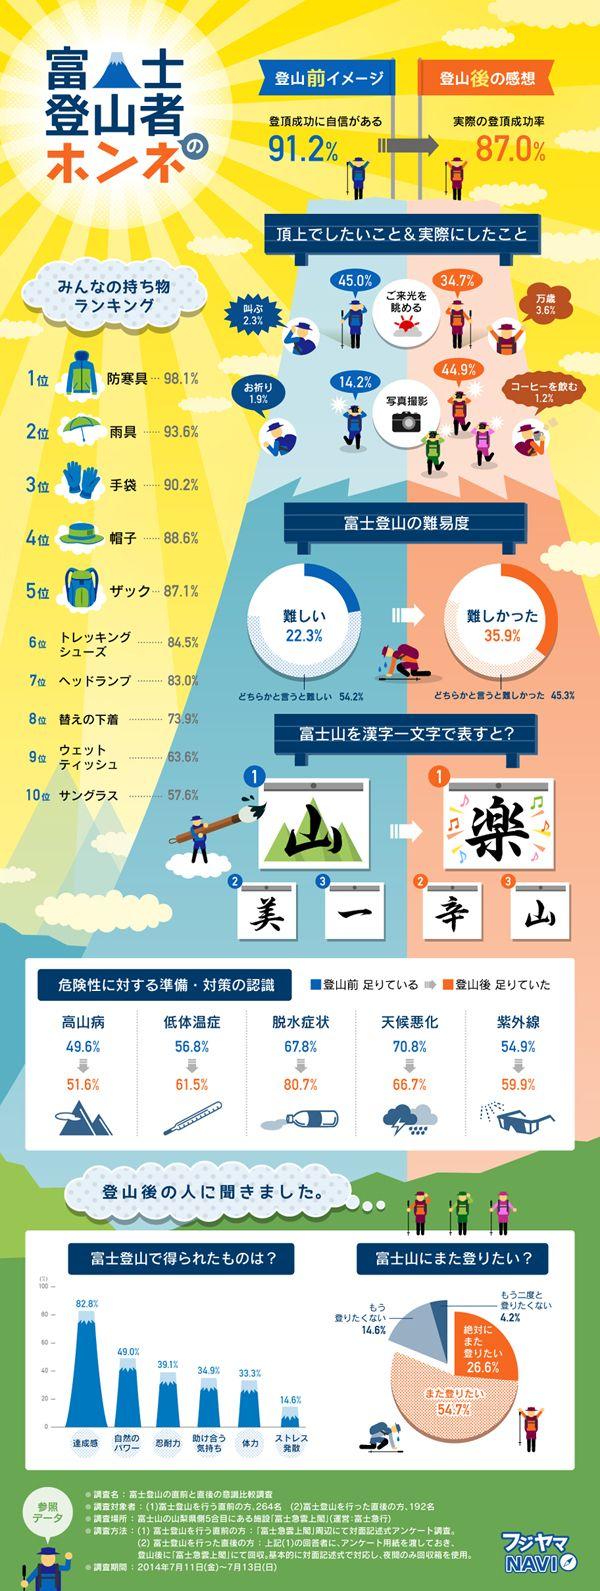 富士登山に挑戦する前後に直撃した、登山者のホンネをインフォグラフィックでまとめました。登山者の持ち物ランキングや準備など、富士登山のお役立ち...